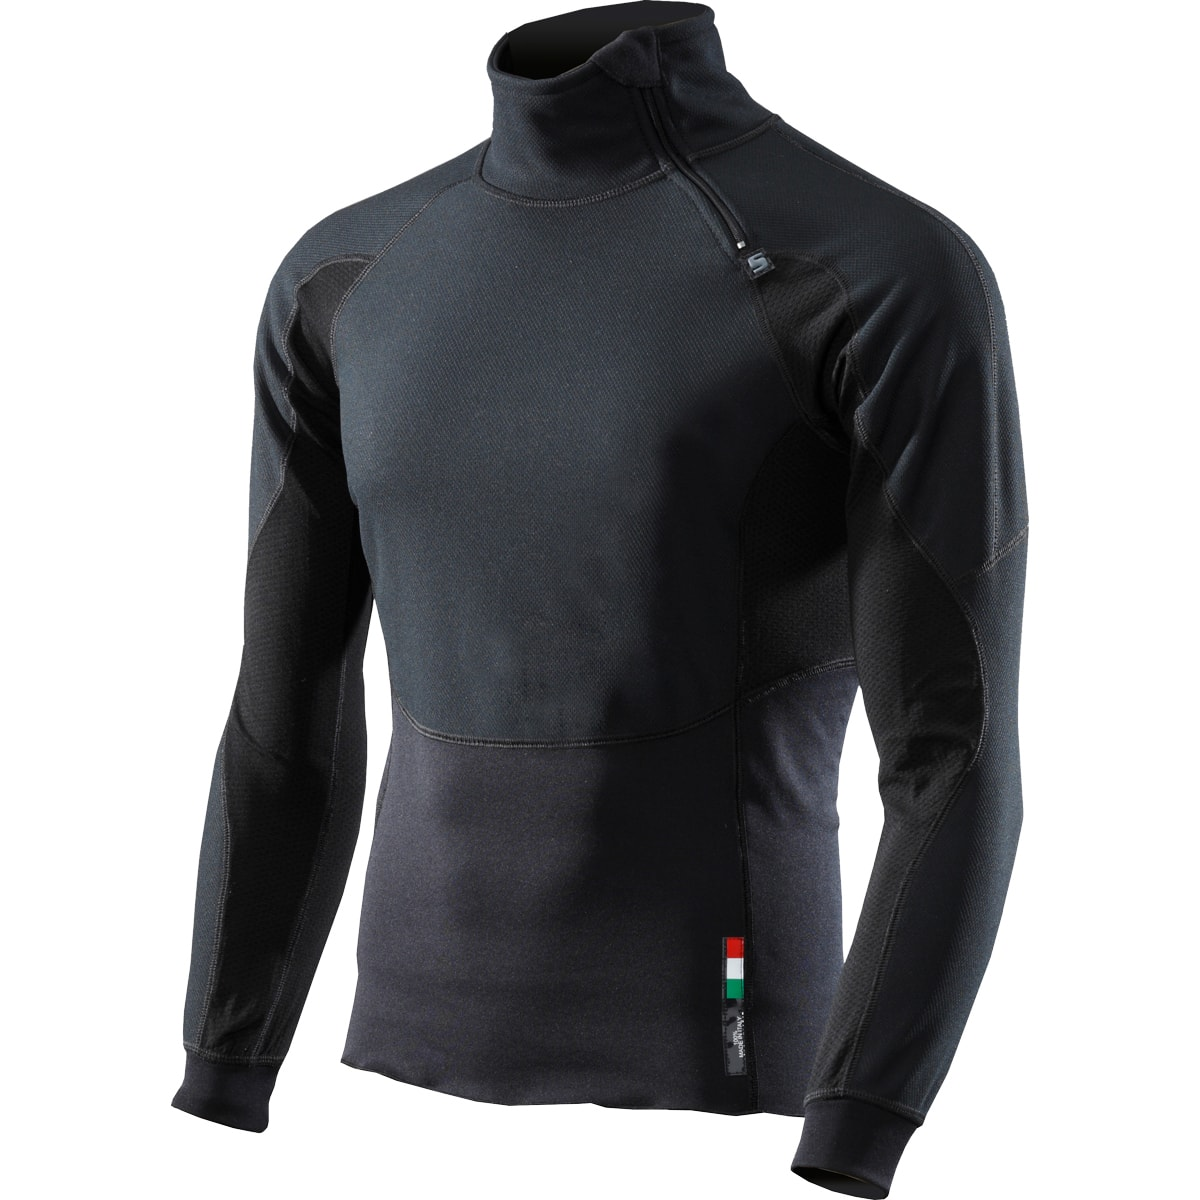 義大利 SIXS <br>機能碳 秋冬外套 WTJ <br>BLACK